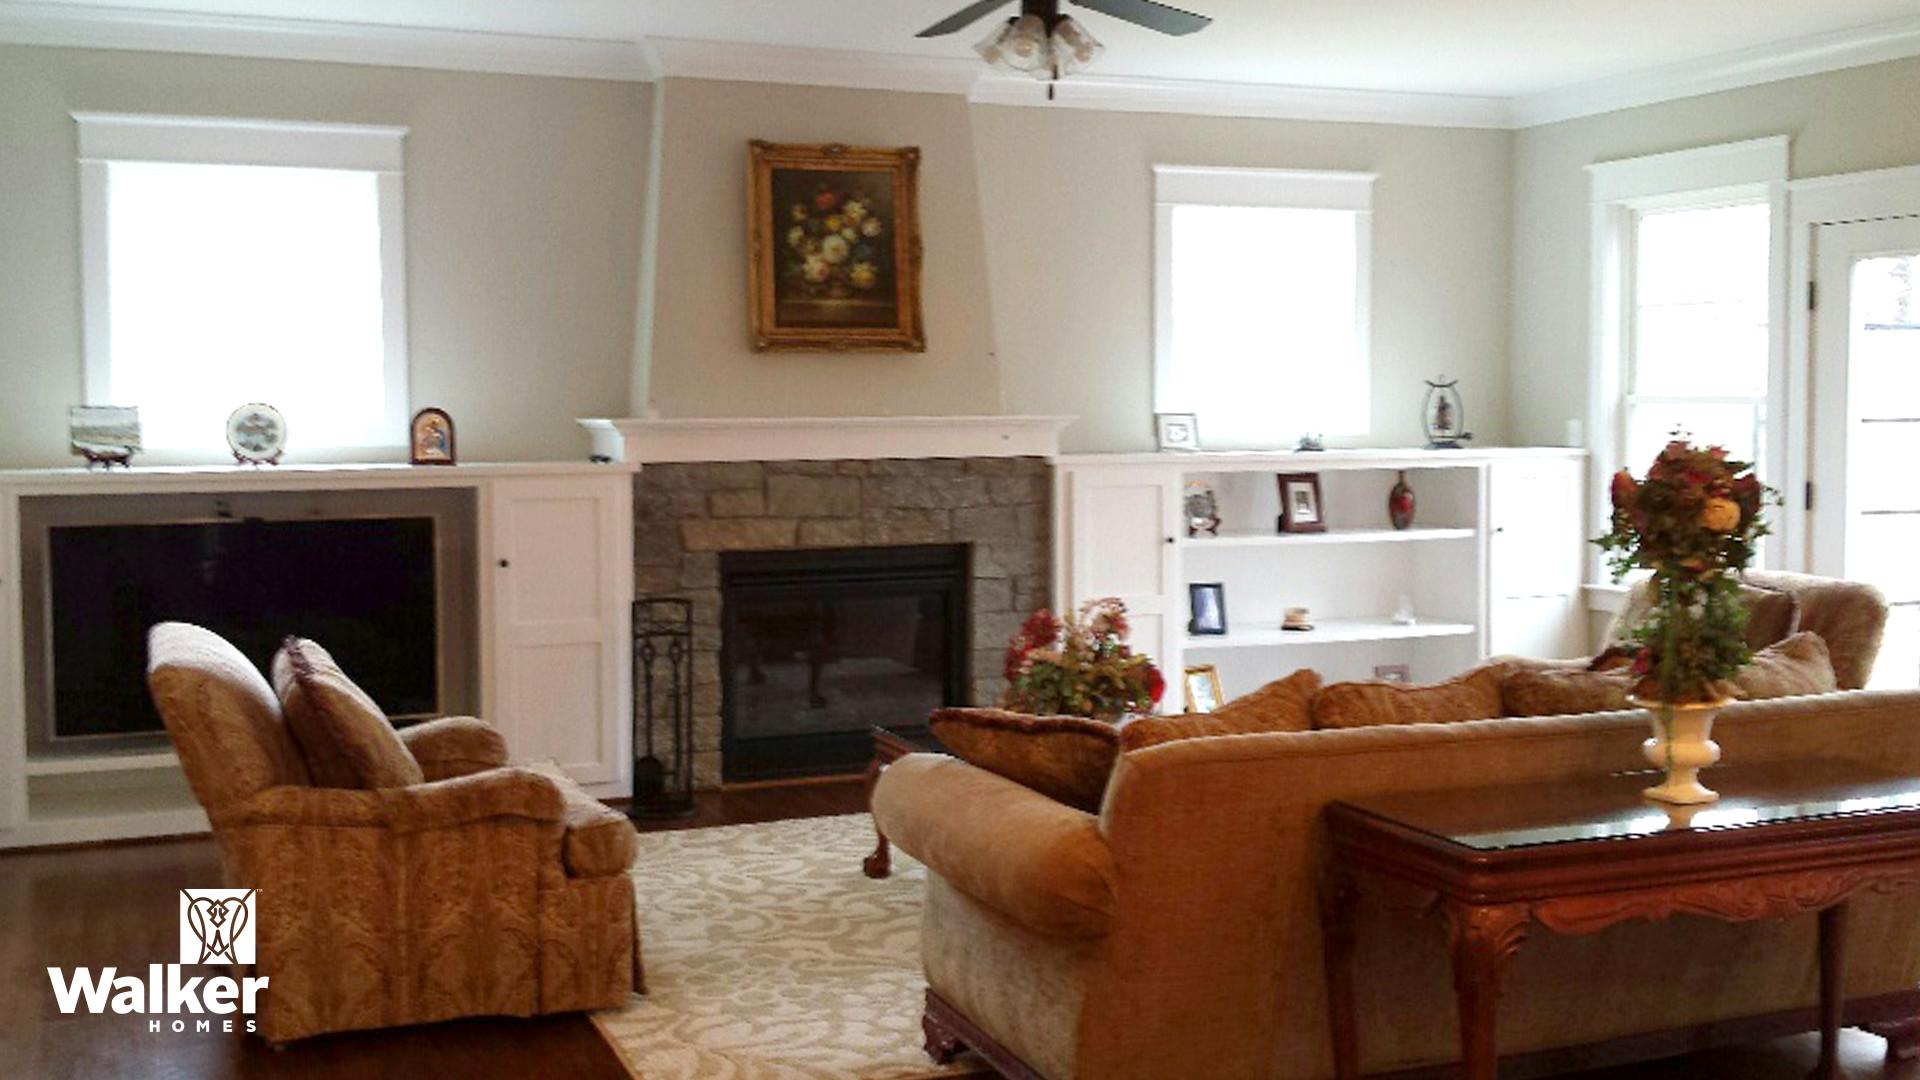 The Winstead II Living Room by Walker Homes in Glen Allen, Virginia